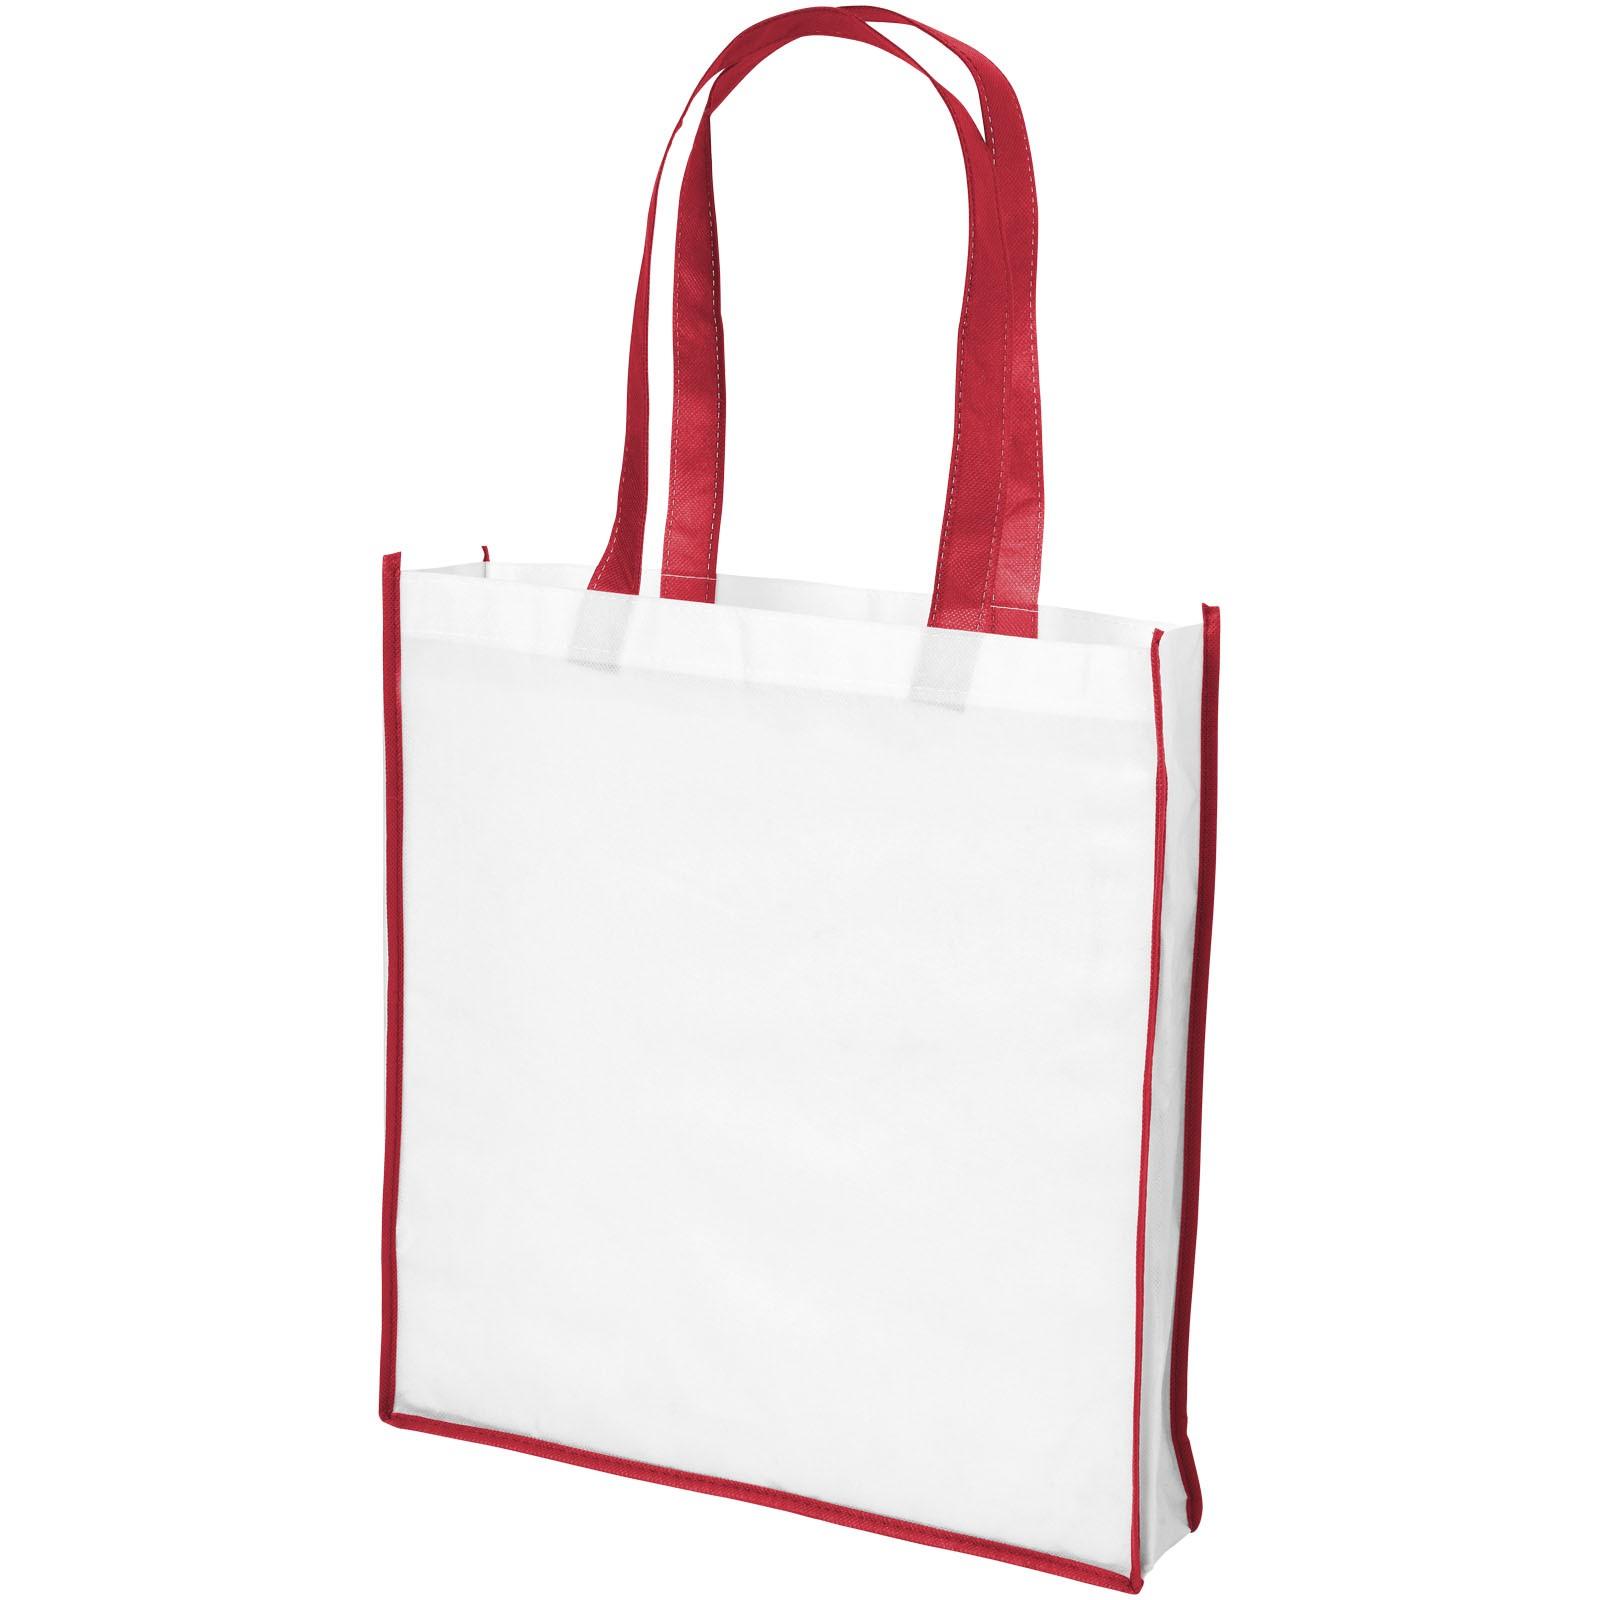 Velká netkaná nákupní odnoska Contrast - Bílá / Červená s efektem námrazy